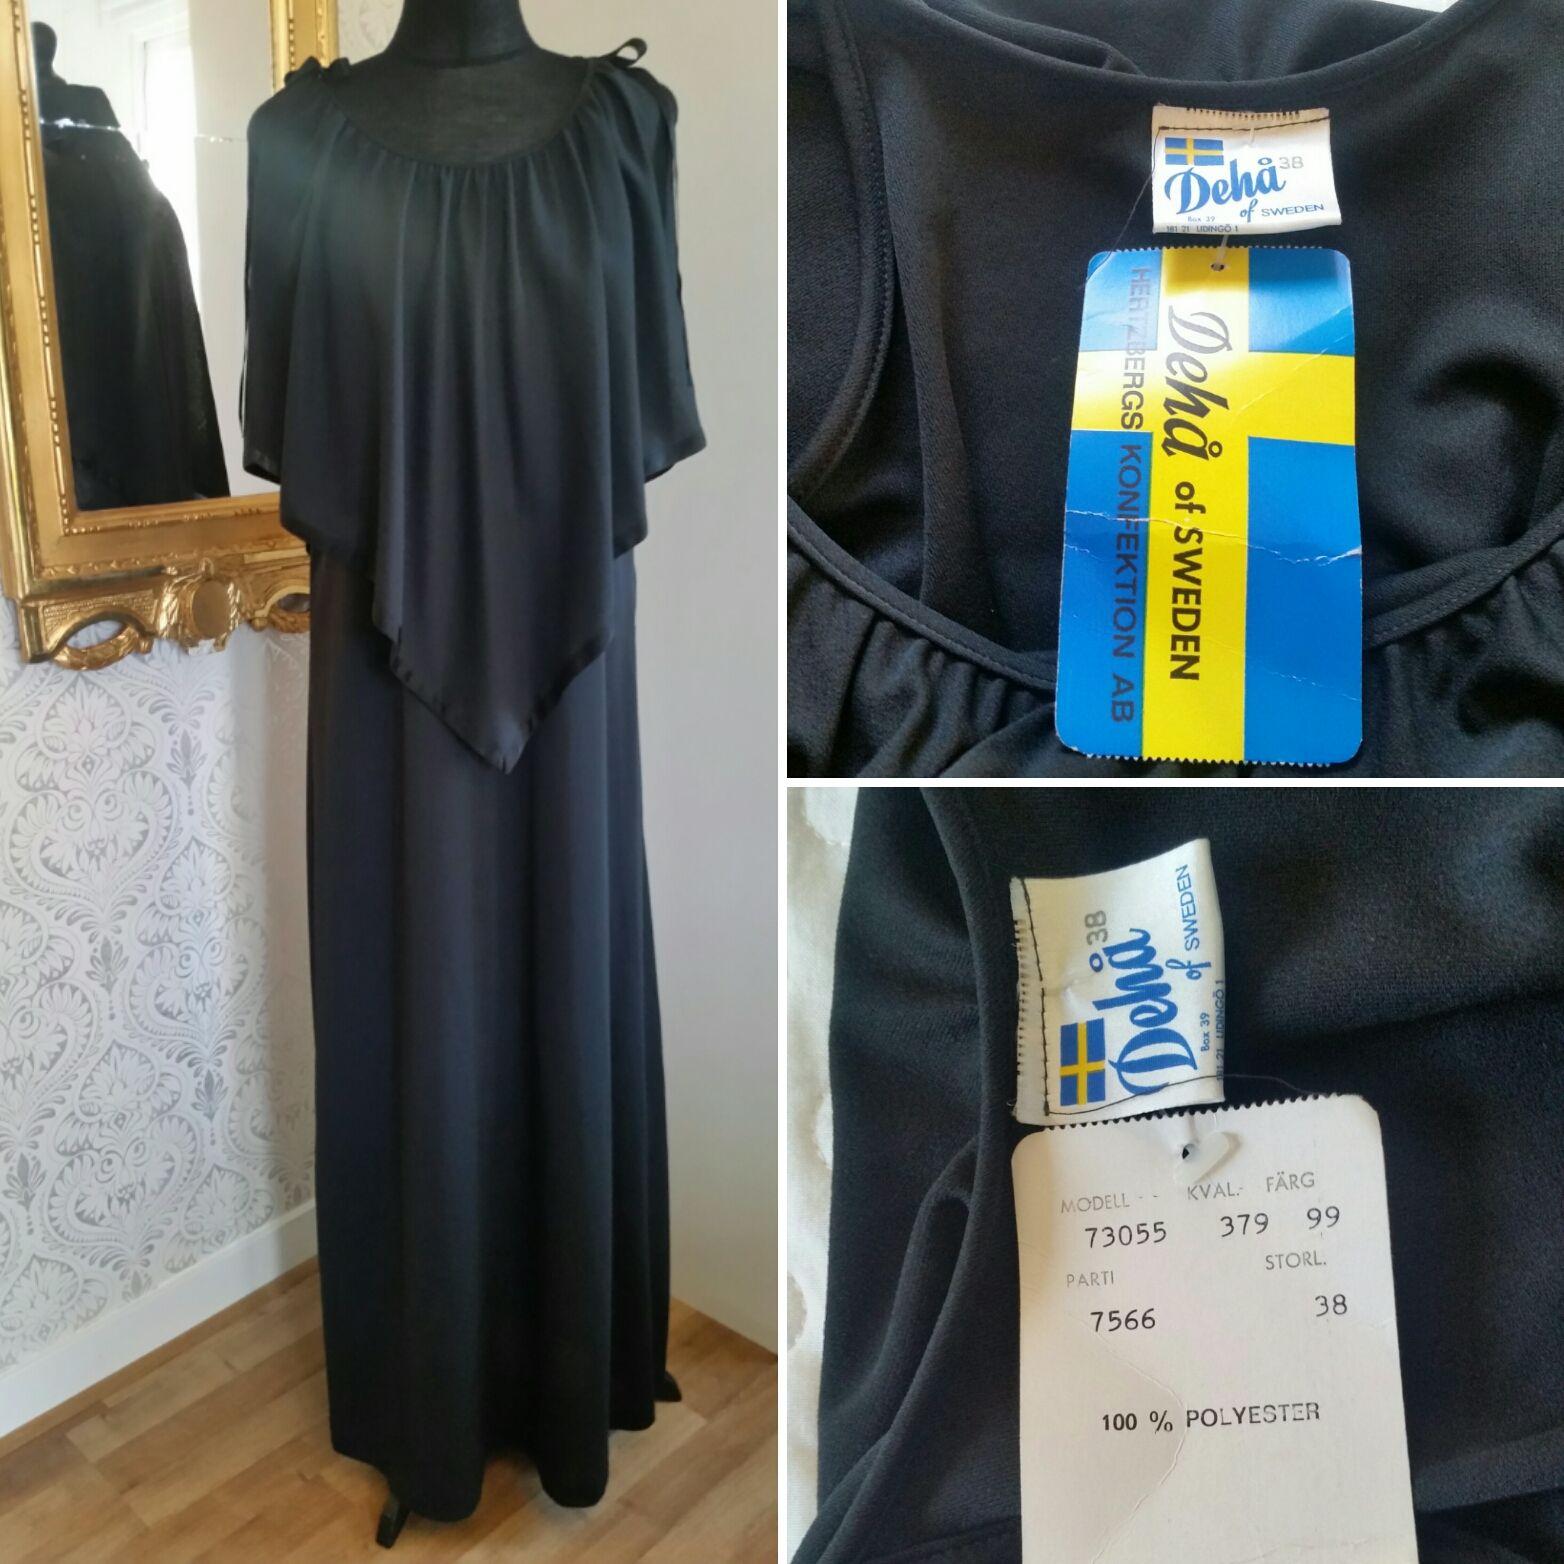 Långklänning Dehå 70-tal  7a01f418f8257